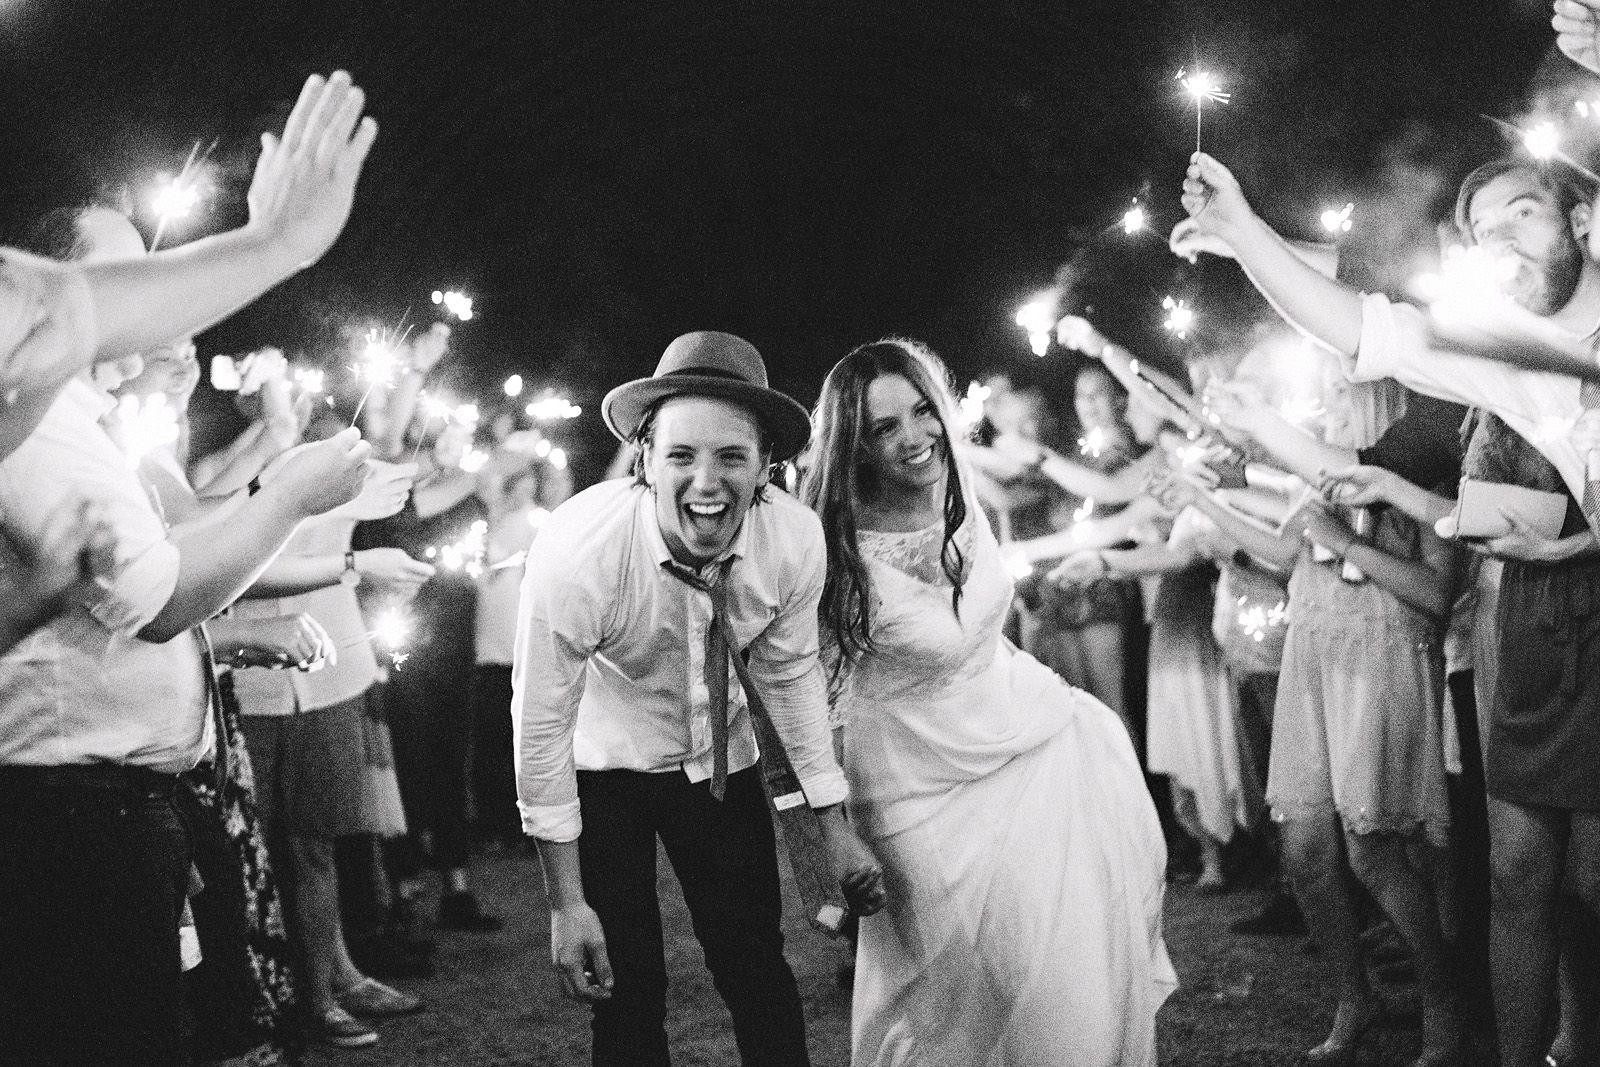 Wedding in Portland, Oregon by Benj Haisch. #wedding